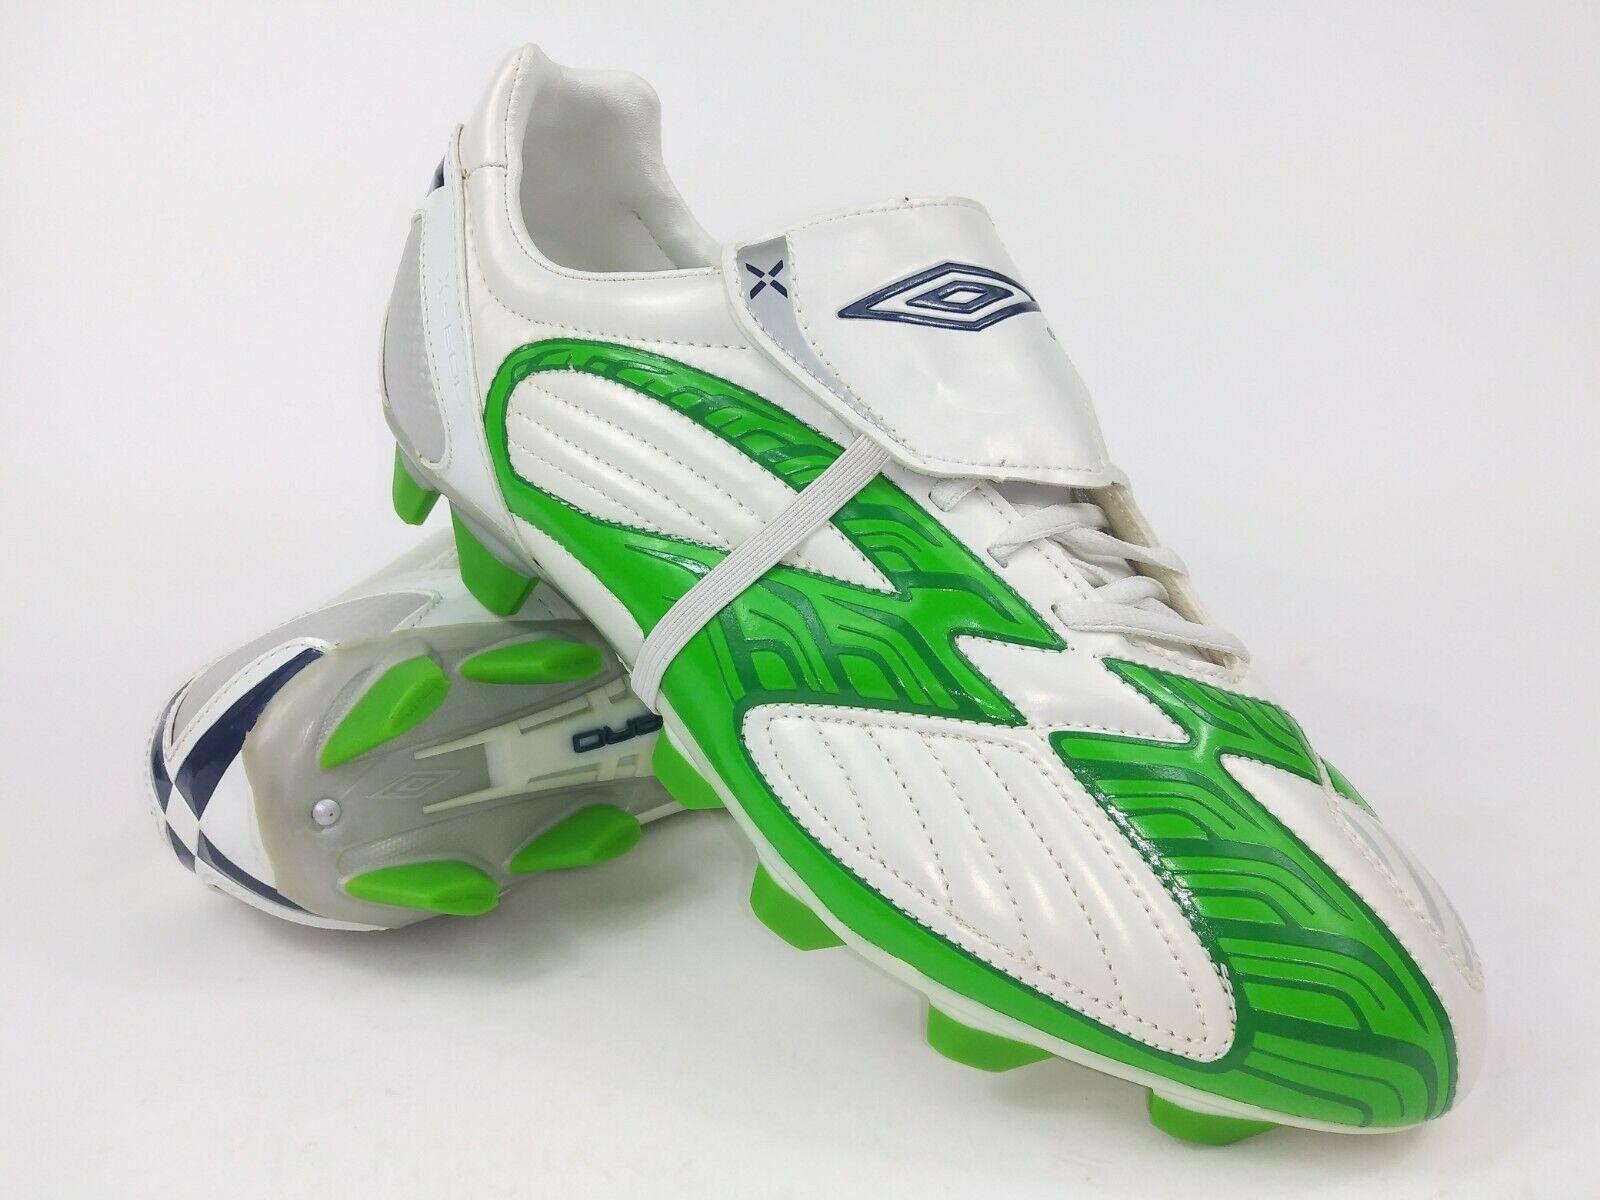 consegna e reso gratuiti Cleats Soccer bianca 81351G3HX FG